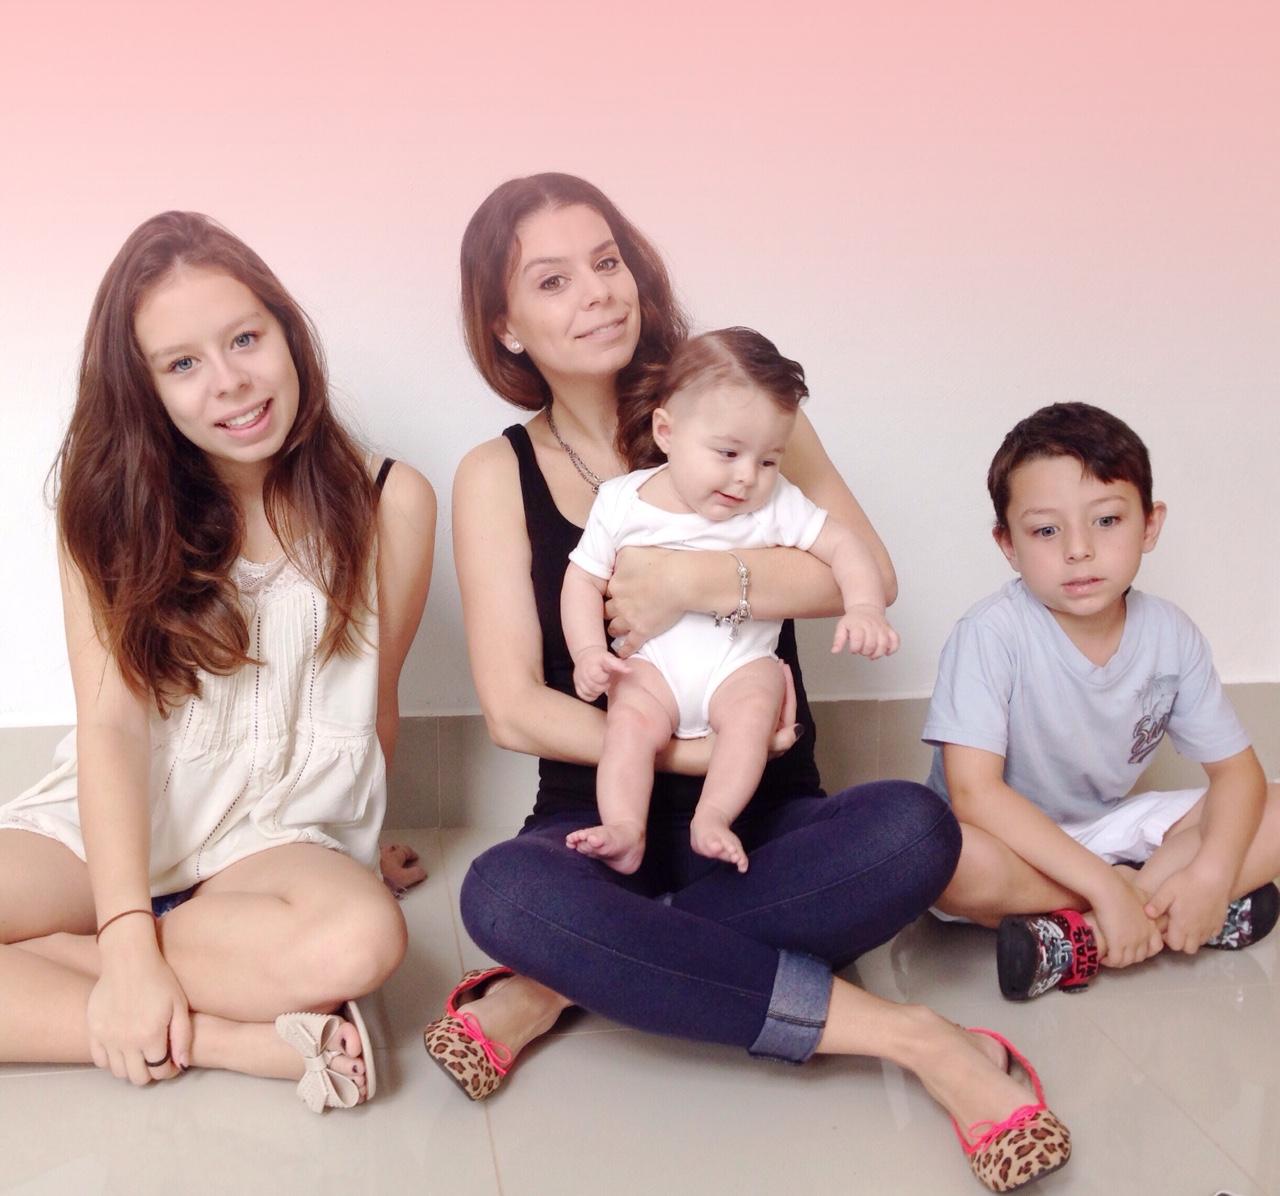 dificuldades da maternidade